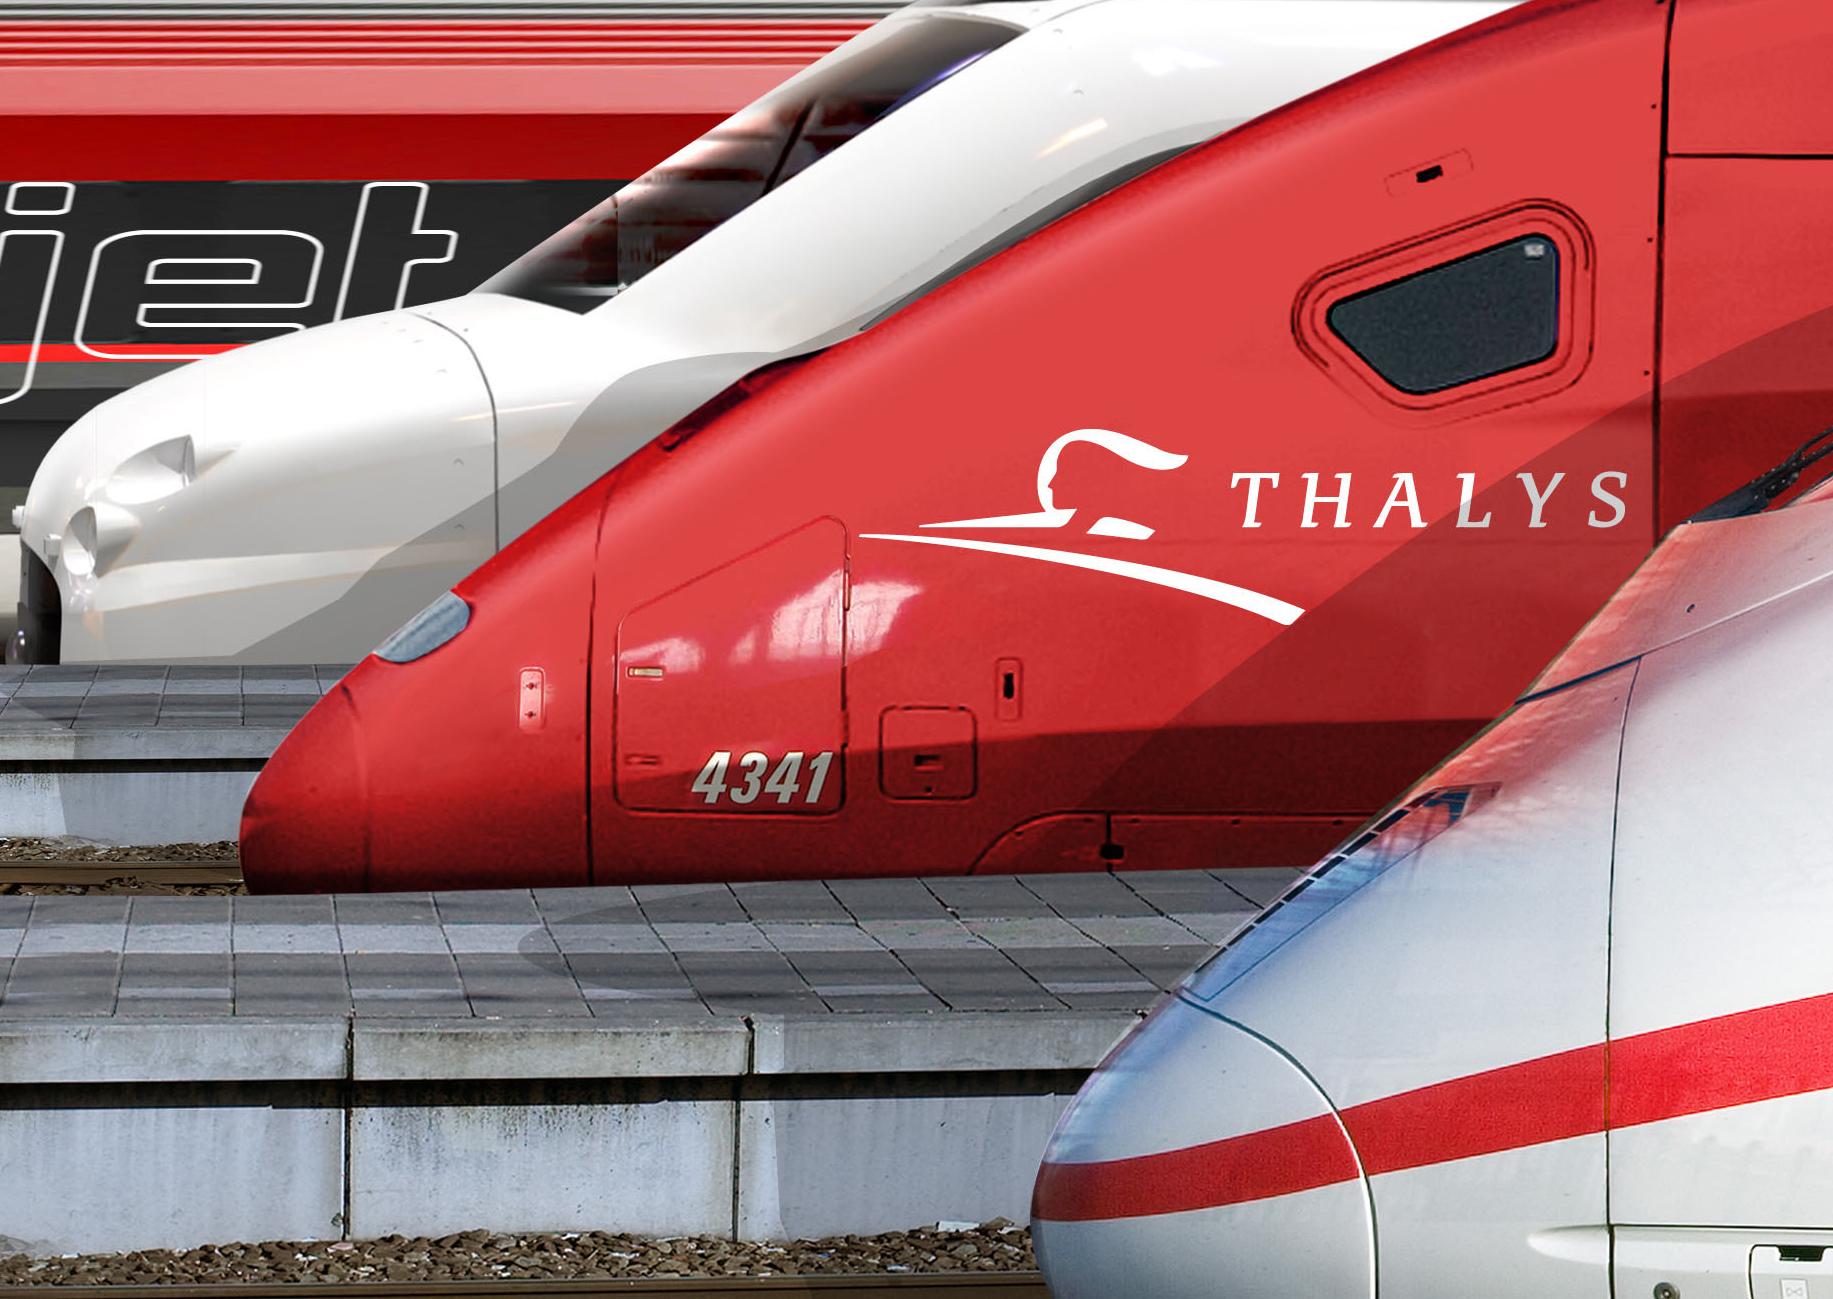 Mehrere Triebzugköpfe nebeneinander, TGV, Thalys und ICE